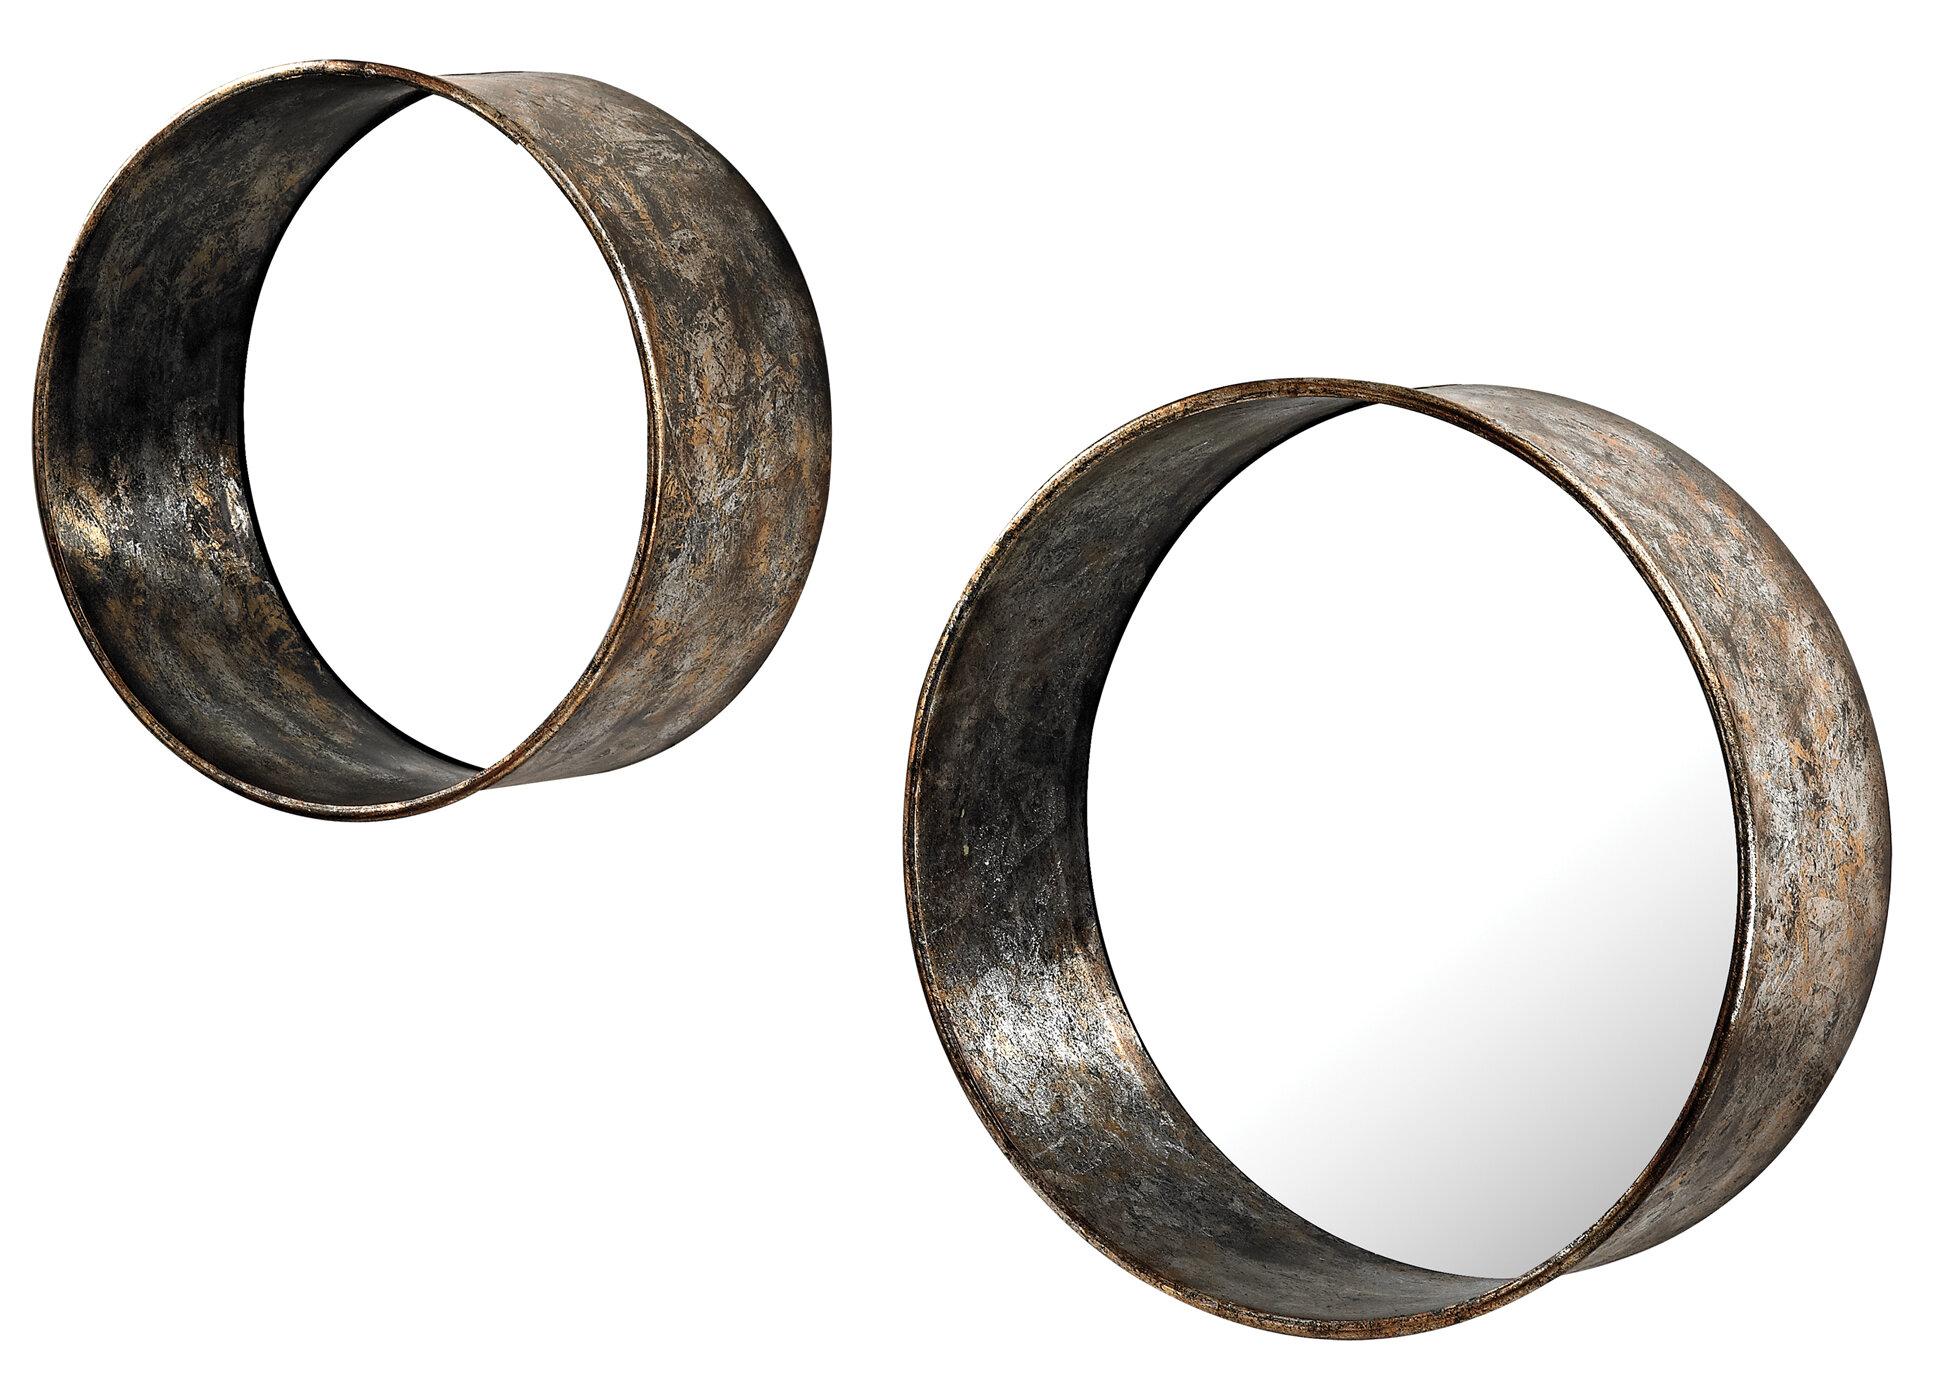 2 Piece Oil Drum Mirror Set